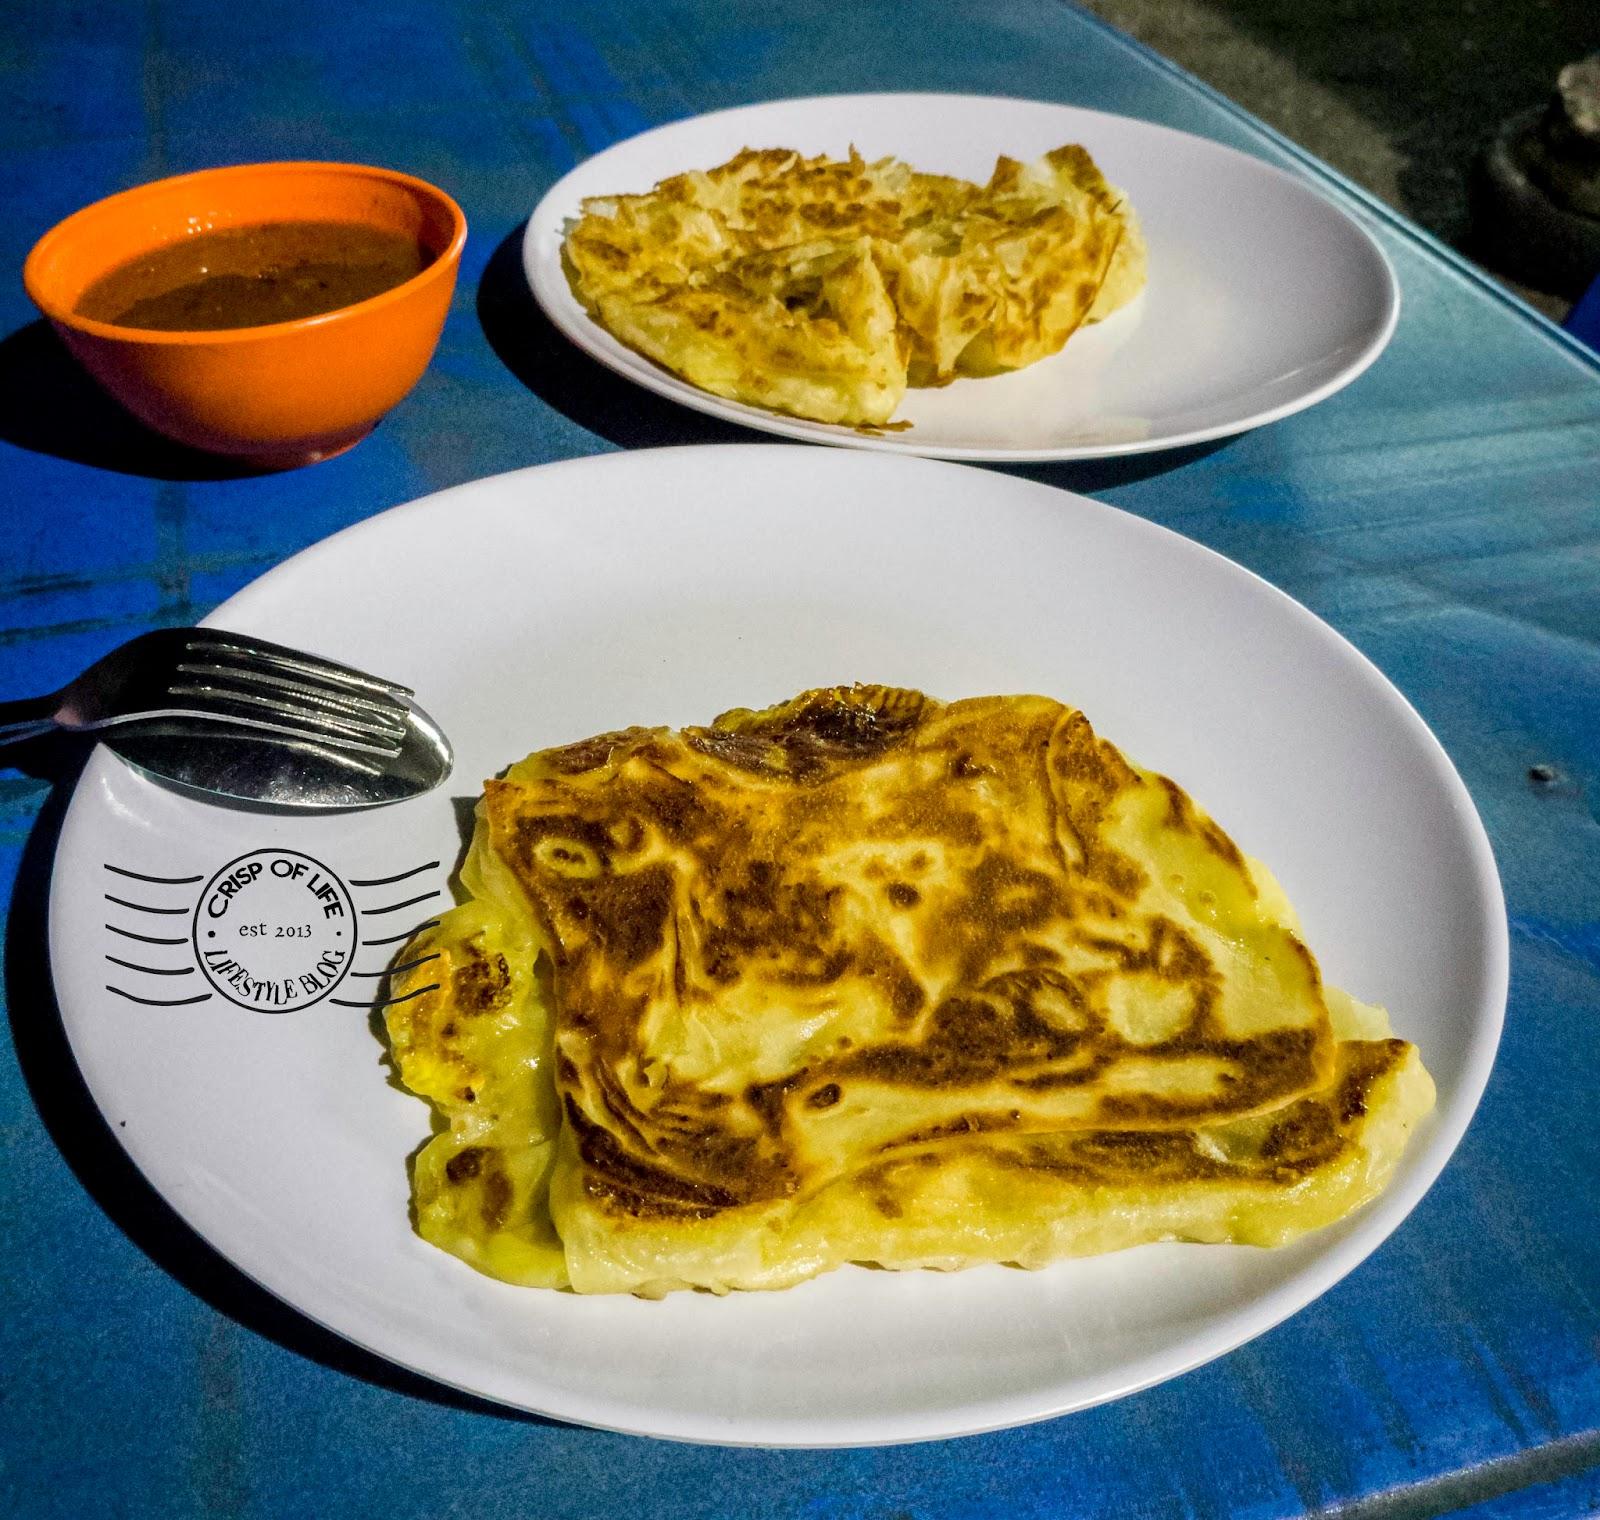 Wan Roti Canai Beratur @ Datuk Kumbar, Alor Setar, Kedah